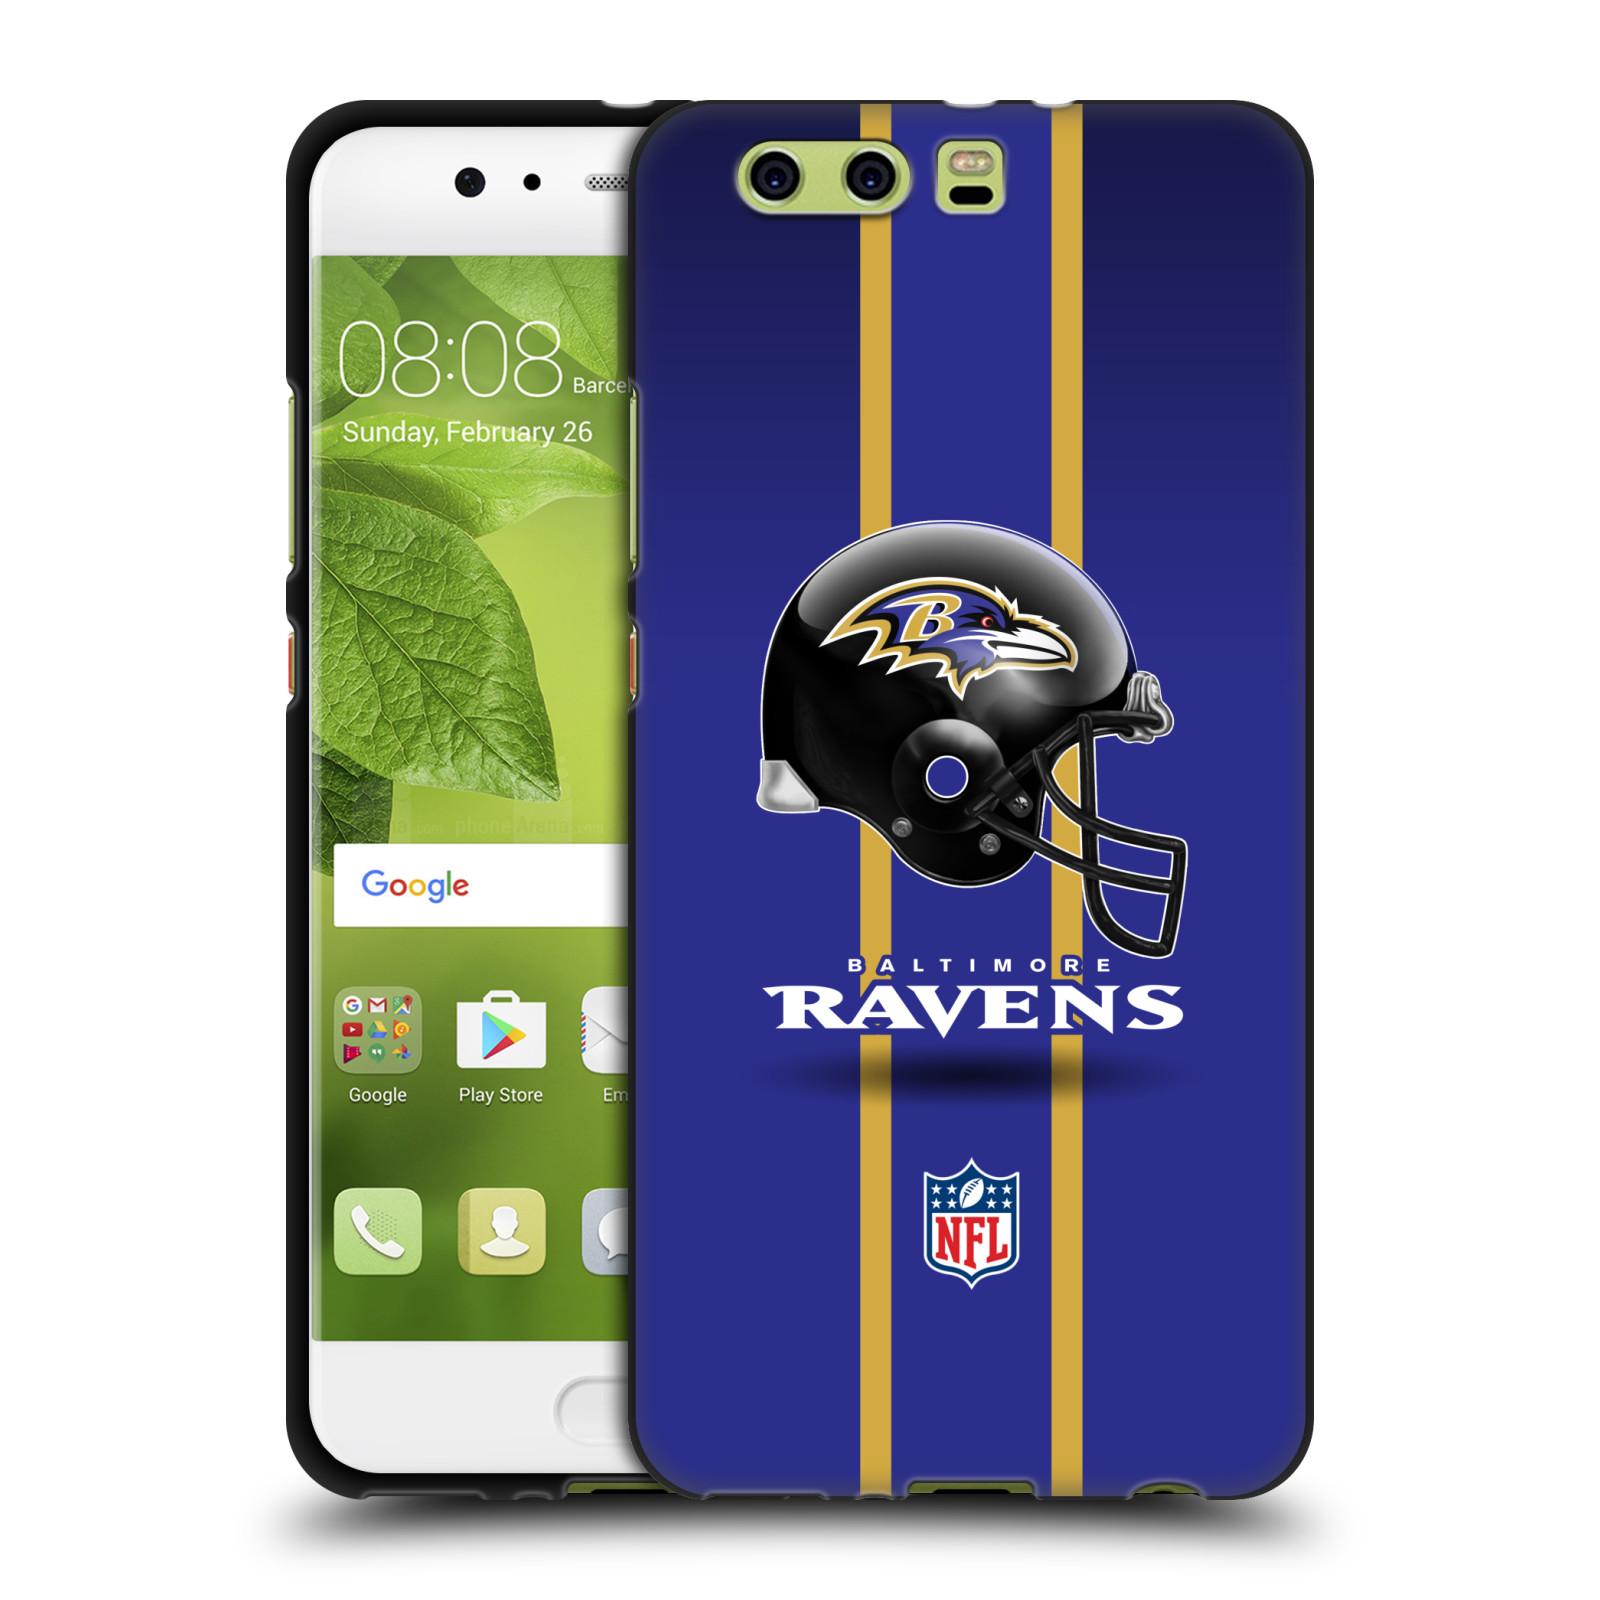 OFFICIAL-NFL-BALTIMORE-RAVENS-LOGO-BLACK-SOFT-GEL-CASE-FOR-HUAWEI-PHONES